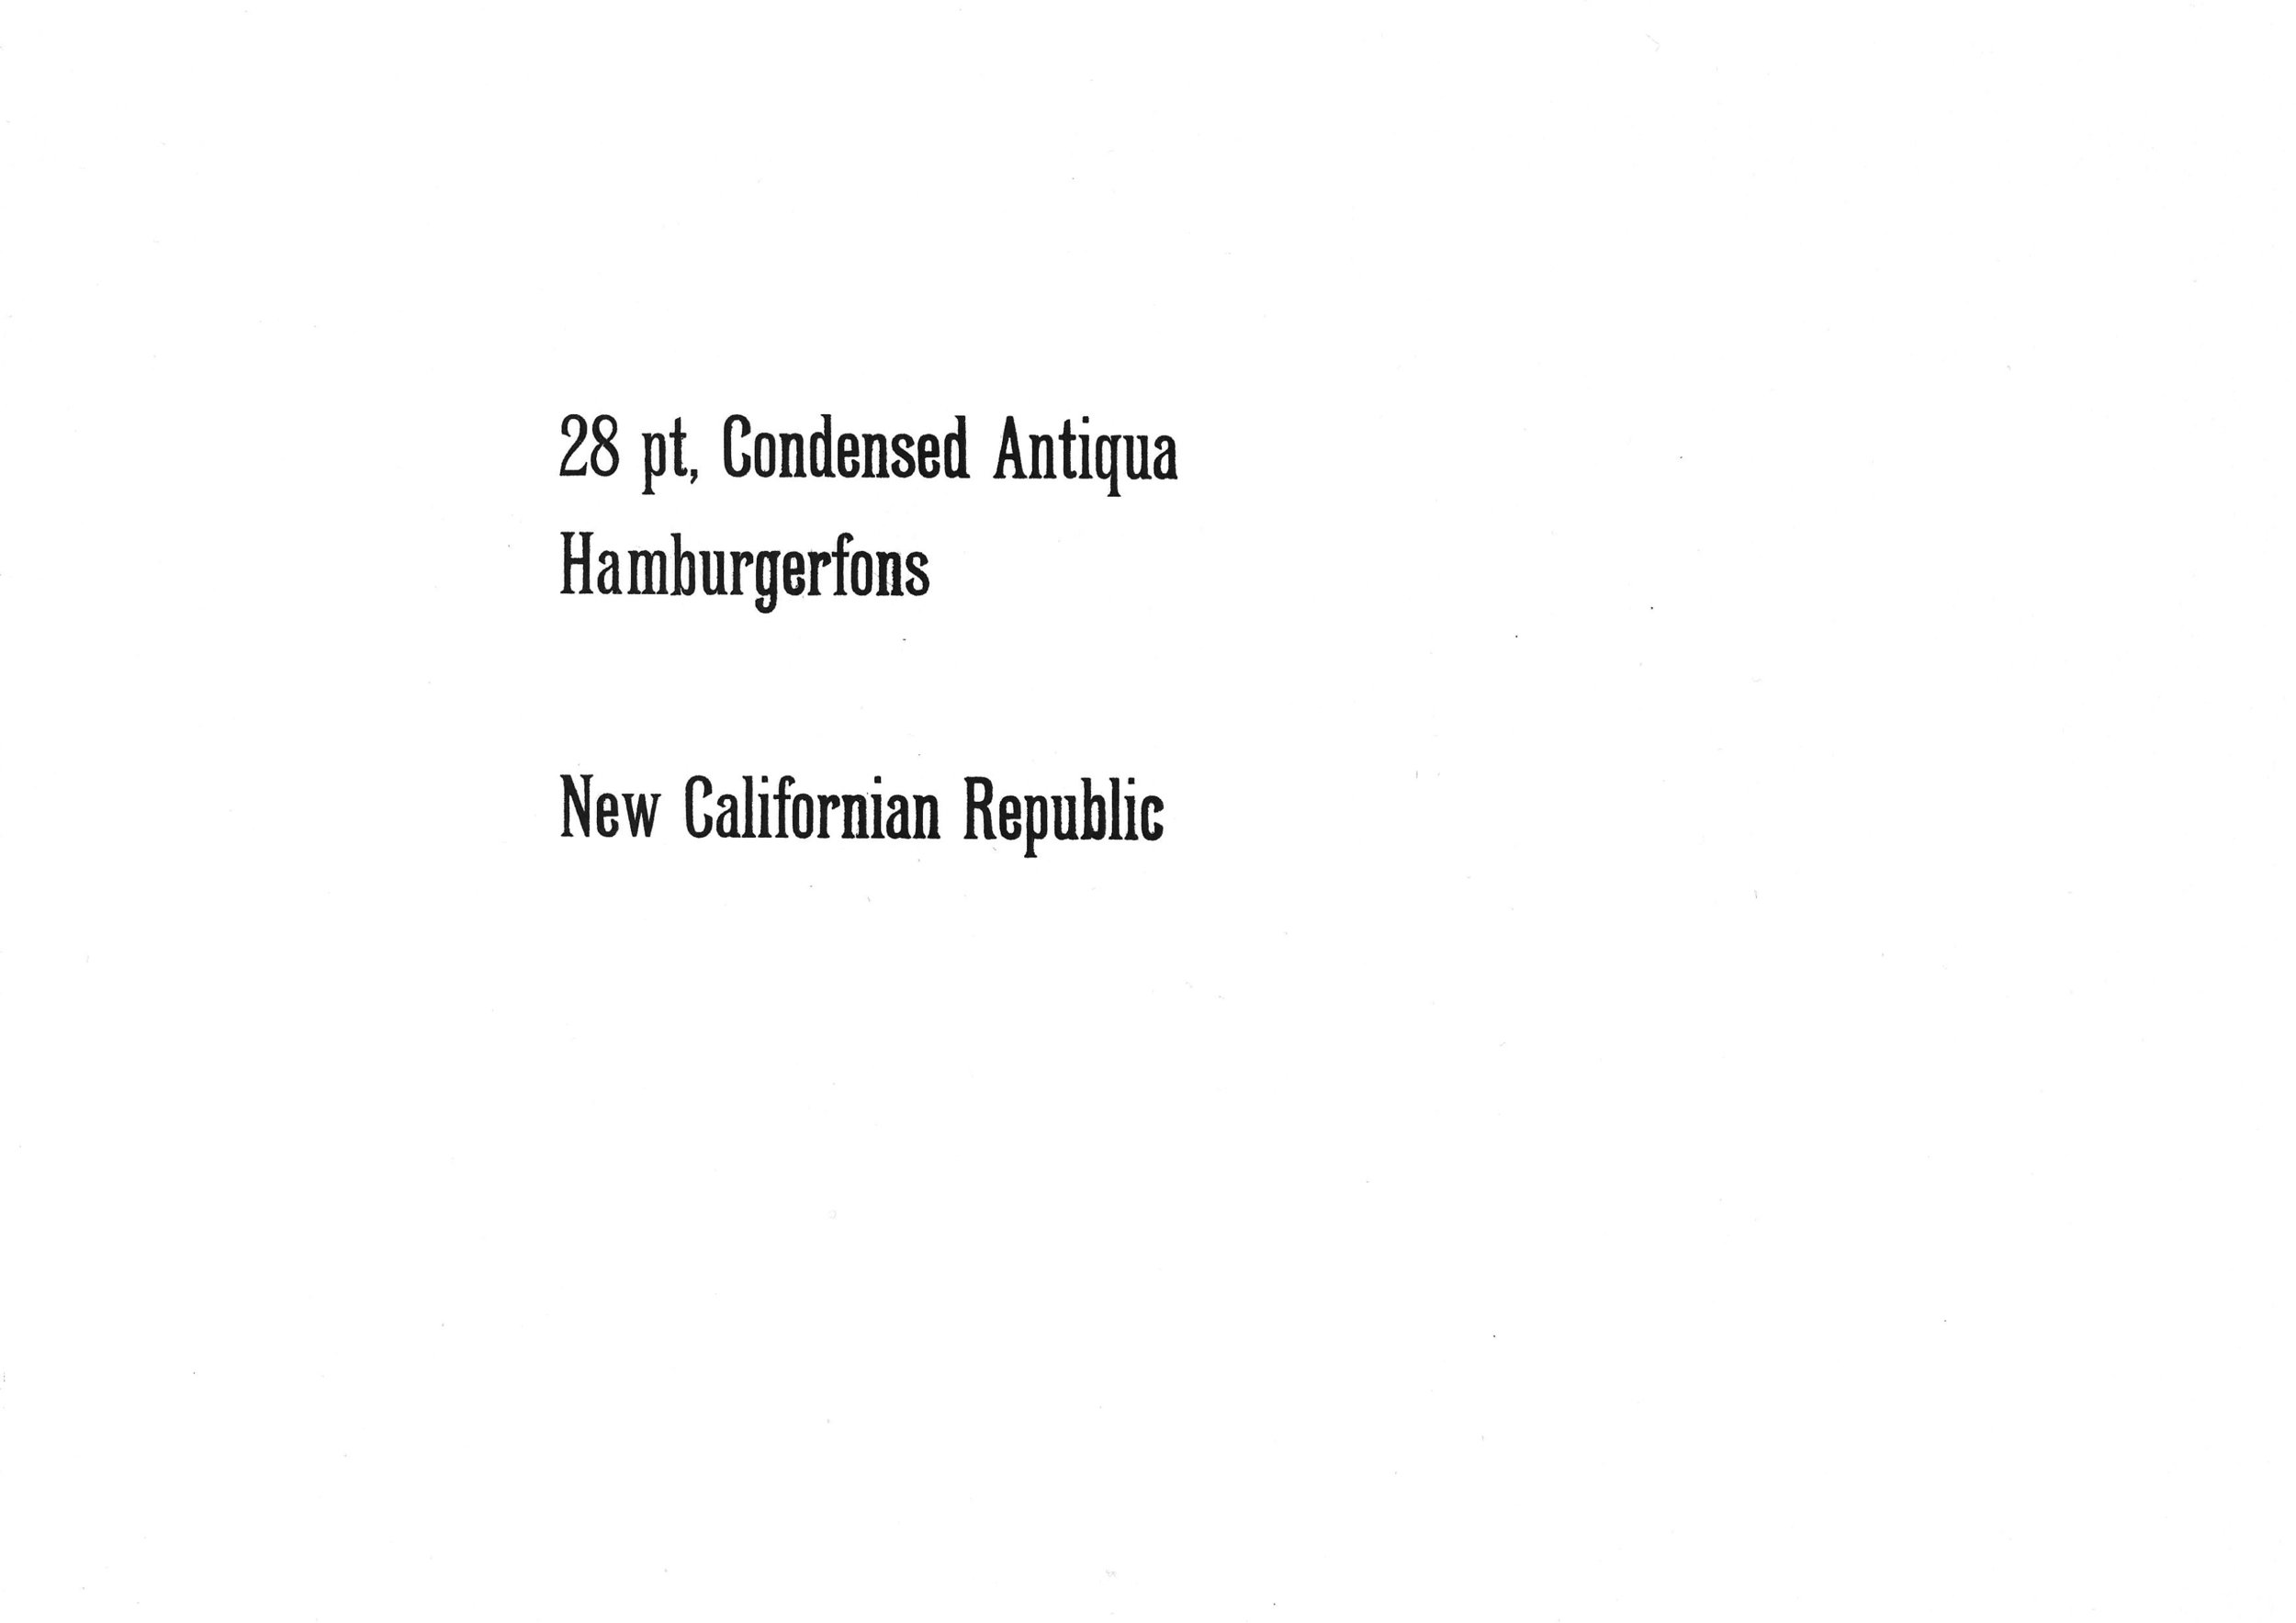 28pt. Condensed Antiqua